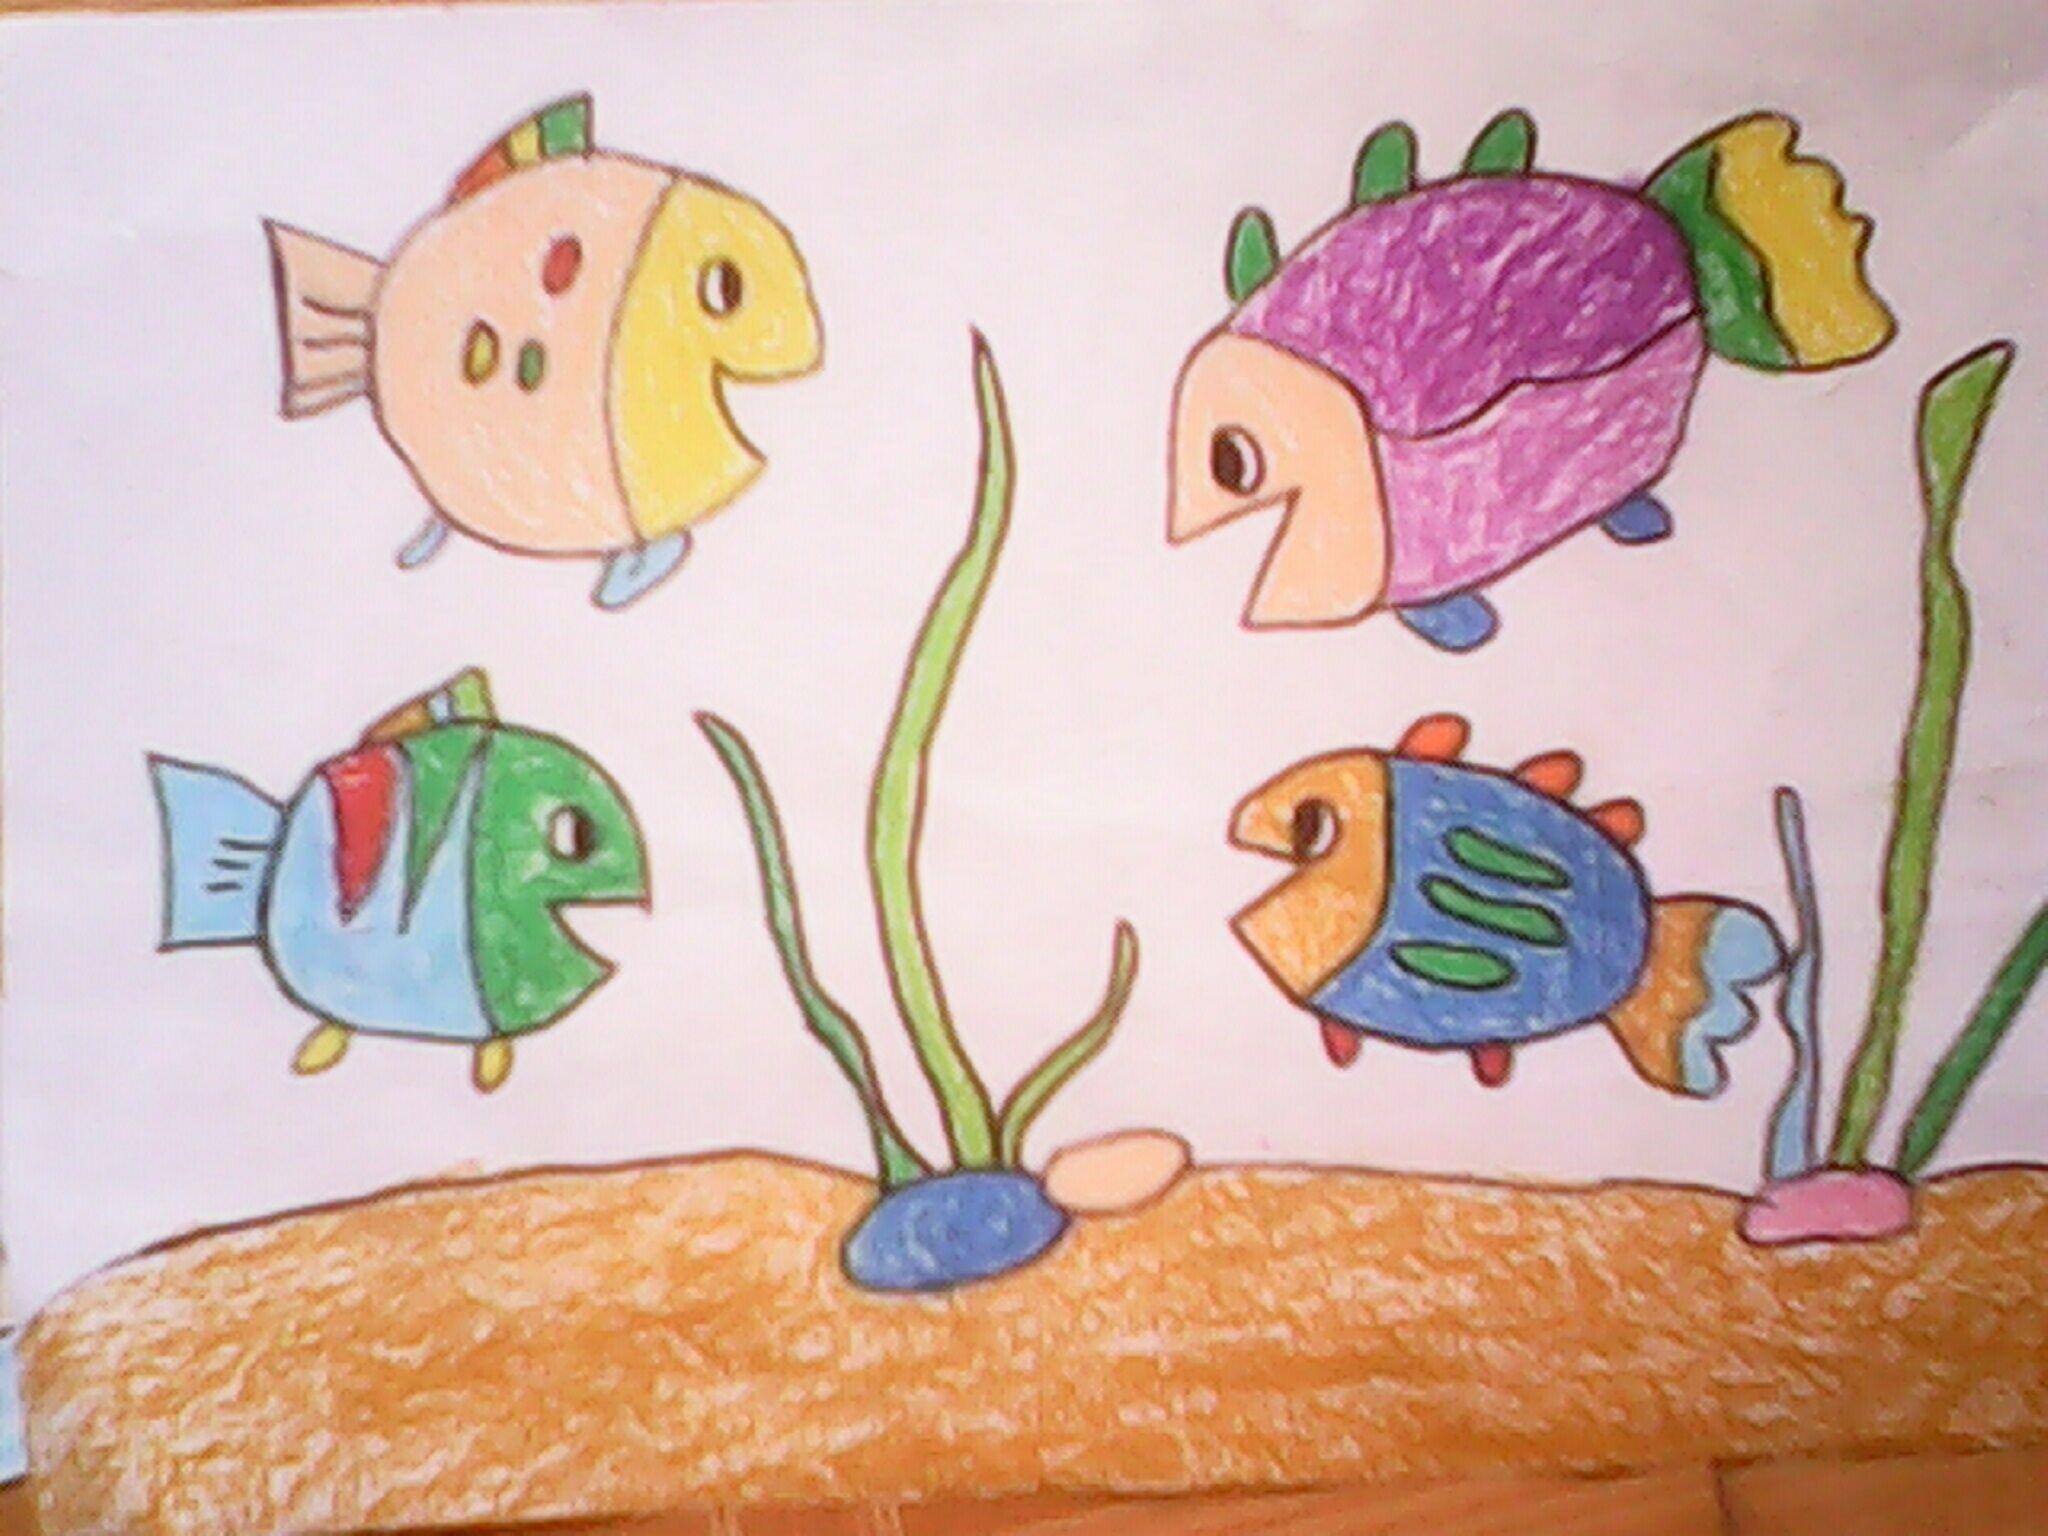 鱼-蜡笔画图集图片